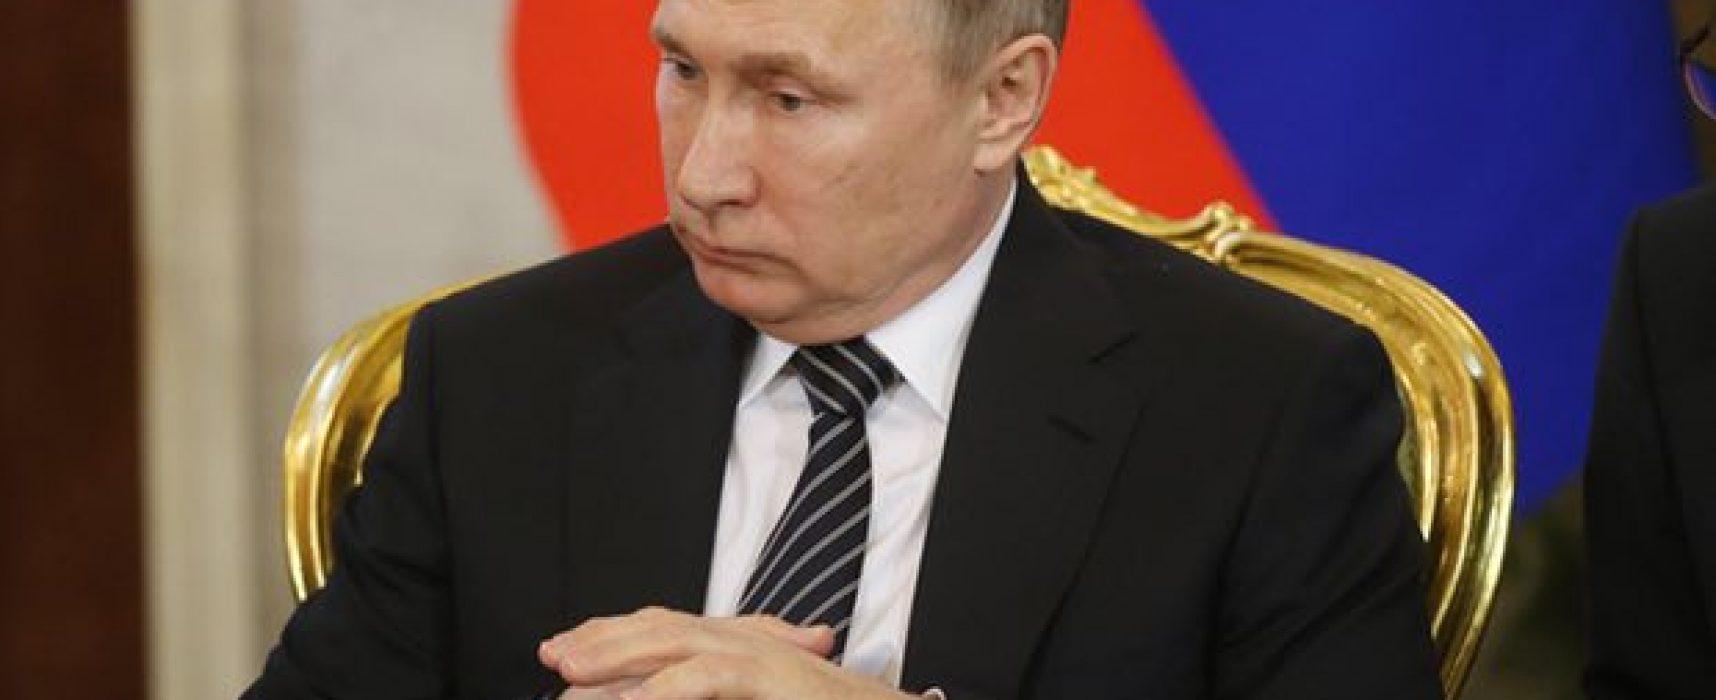 Falschmeldungen: Fake-News made in Russia